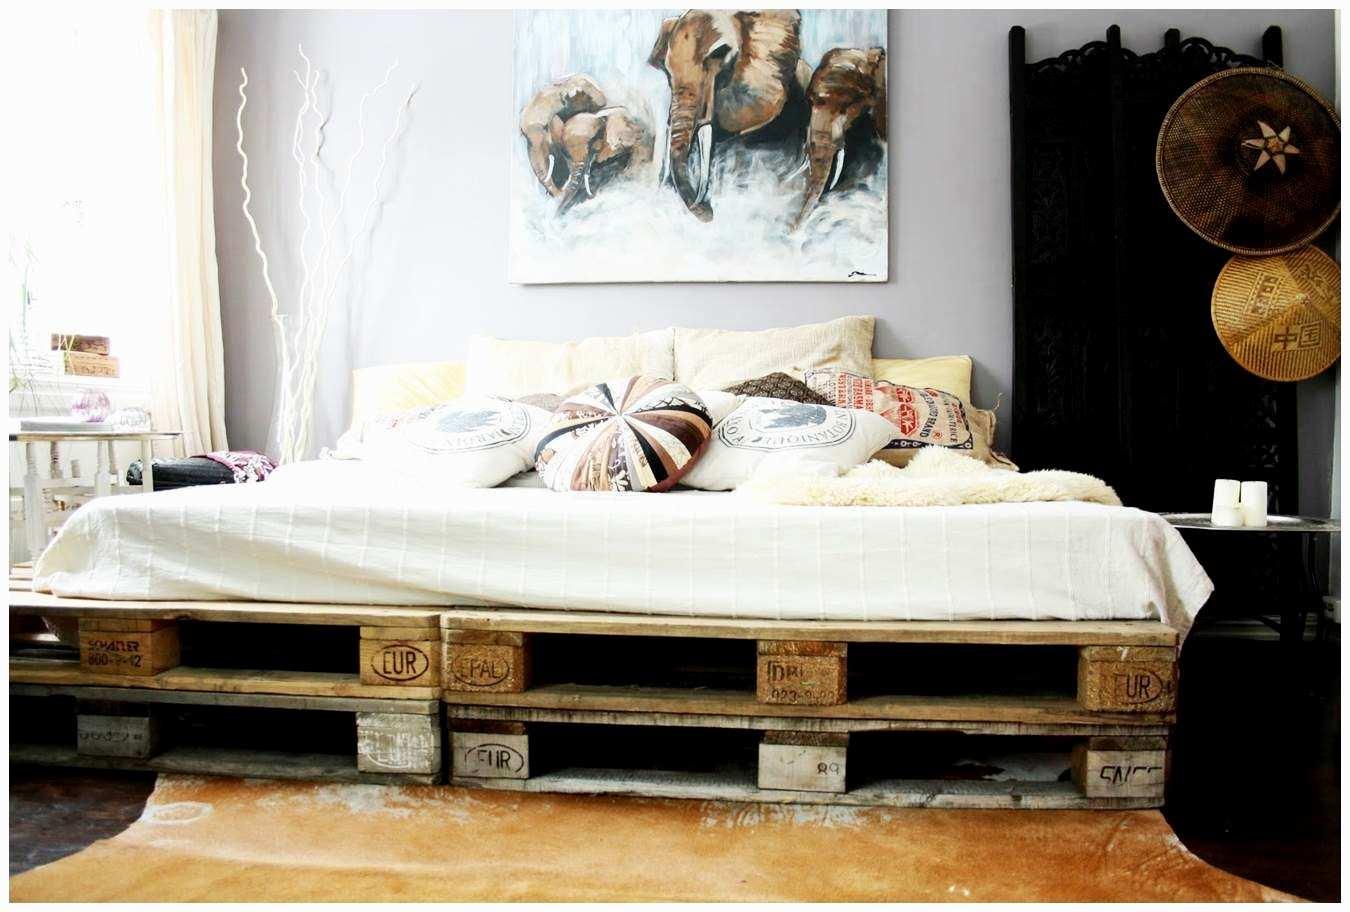 Full Size of Betten Für Teenager 59 Neu Fr Kleine Zimmer Einzigartig Tolles Wohnzimmer Ideen Vinyl Fürs Bad Günstig Kaufen 180x200 Spiegelschrank Luxus Flexa Dänisches Bett Betten Für Teenager